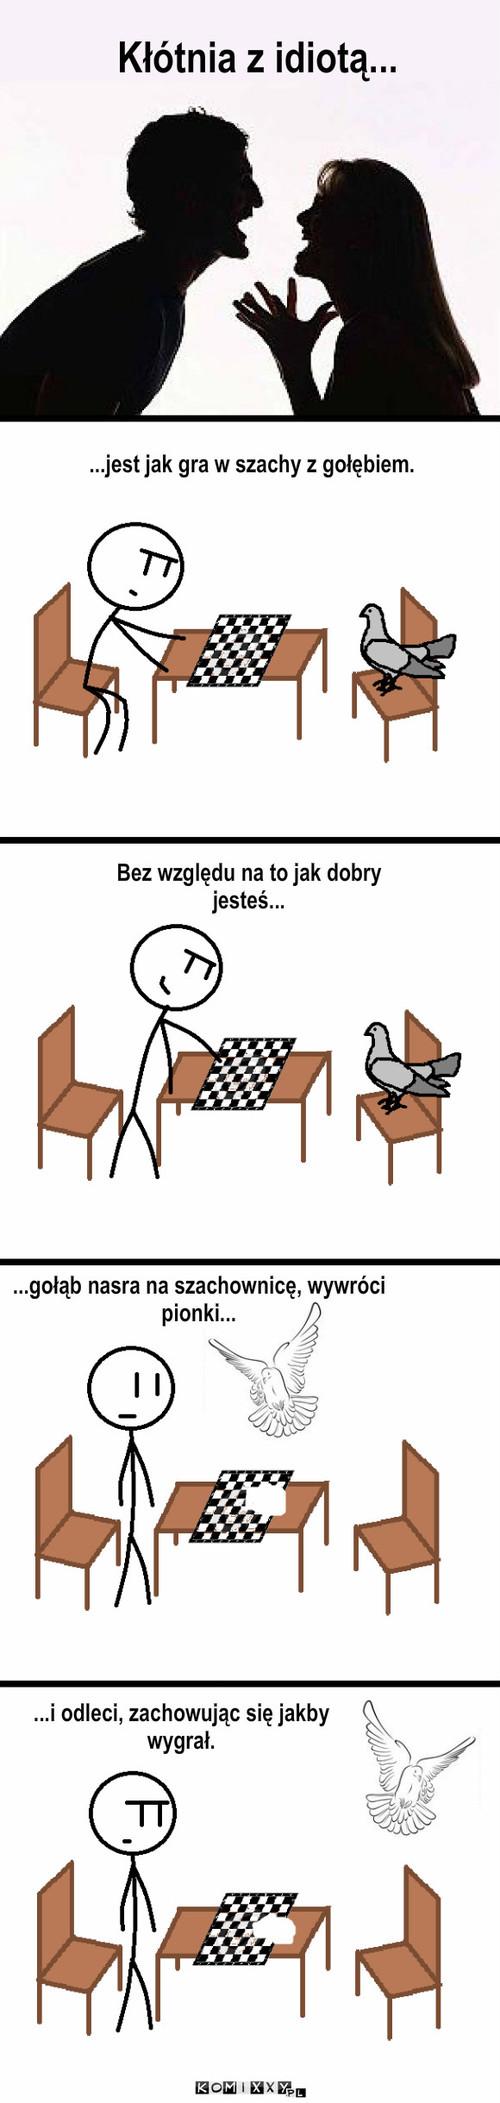 Kłótnia z idiotą – Kłótnia z idiotą... ...gołąb nasra na szachownicę, wywróci pionki... Bez względu na to jak dobry jesteś... ...jest jak gra w szachy z gołębiem. ...i odleci, zachowując się jakby wygrał.